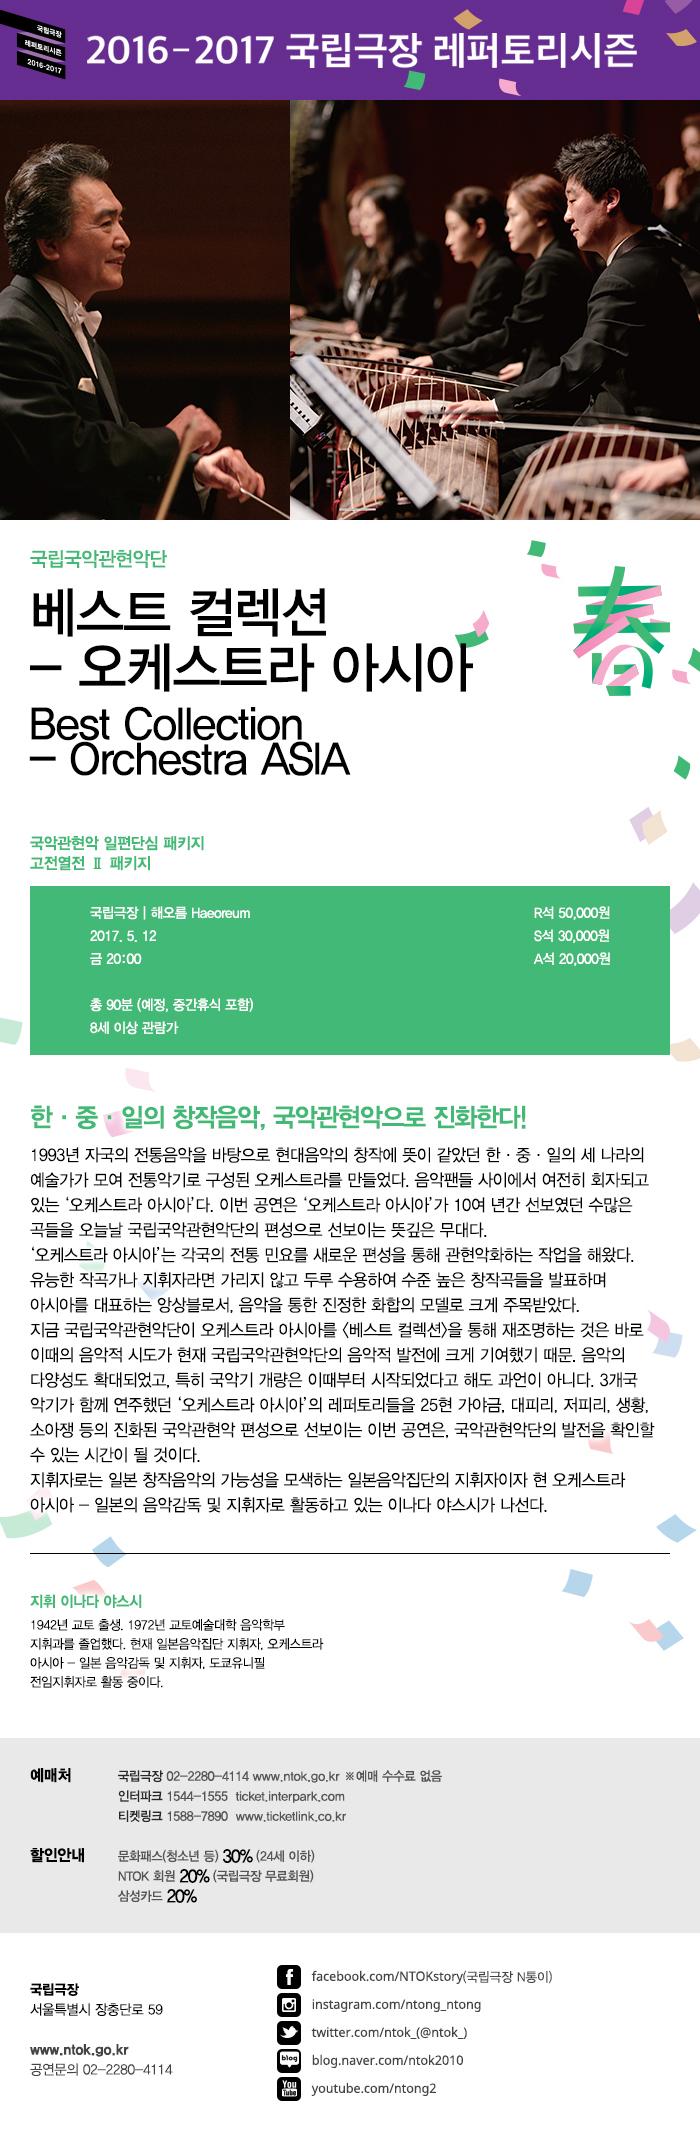 한·중·일 창작 명곡, 오늘날의 국악관현악으로 진화하다!  '오케스트라 아시아'는 한·중·일 3국의 음악교류를 통해 새로운 아시아 음악을 창출하고자 1993년 창단된 단체다. '자국의 전통음악을 바탕으로 한 현대음악의 창작'에 뜻을 같이 했던 한국 작곡가 겸 지휘자 박범훈·일본 작곡가 미키 미노루·중국 지휘자 겸 작곡가 류원진은 각자가 이끌던 중앙국악관현악단(한국)과 음악집단(일본), 중앙민족악단(중국)을 합쳤고, 이 새로운 편성을 통해 3국의 관현악화 하는 작업을 시도해 왔다. 국립국악관현악단은 '오케스트라 아시아'를 통해 악단 정체성 확립, 국악기 개량 등 음악적 발전에서 괄목할 만한 성장을 거두었다. 2017년 국립국악관현악단은 2015년부터 3년간 지속해오고 있는 기획 시리즈 '베스트 컬렉션'의 세 번째 무대로 '오케스트라 아시아 편'을 준비하고 있다.  이 공연에서는 '오케스트라 아시아'에서 연주되었던 대표곡들을 우리나라 악기로만 선보인다. 그중에는 이미 국악관현악으로 편곡되어 자주 연주되는 곡들도 있는데, 작곡가 백대웅이 '오케스트라 아시아'를 위해 작곡한 '뱃노래'와 '남도아리랑'이 그것이다. 이 곡과 더불어 아시아의 유수 작곡가와 연주자가 참여해 많은 박수를 받았던 명곡들을 부활시켜 국악관현악 레퍼토리로 확립하는 작업을 진행할 예정이다. 지휘는 '오케스트라 아시아'의 지휘자이자 일본 창작음악의 가능성을 모색하는 일본 음악집단의 지휘자 이나다 야스시가 맡는다.